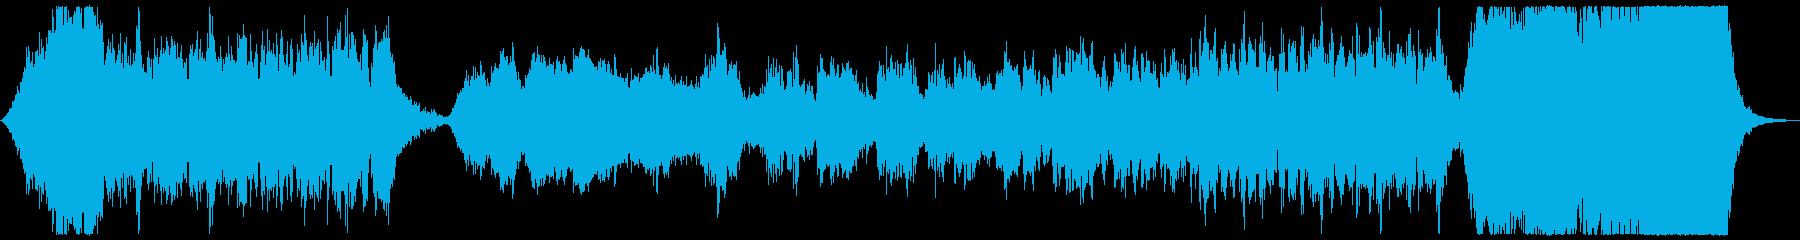 オーケストラを使用した戦闘に向かうシーンの再生済みの波形